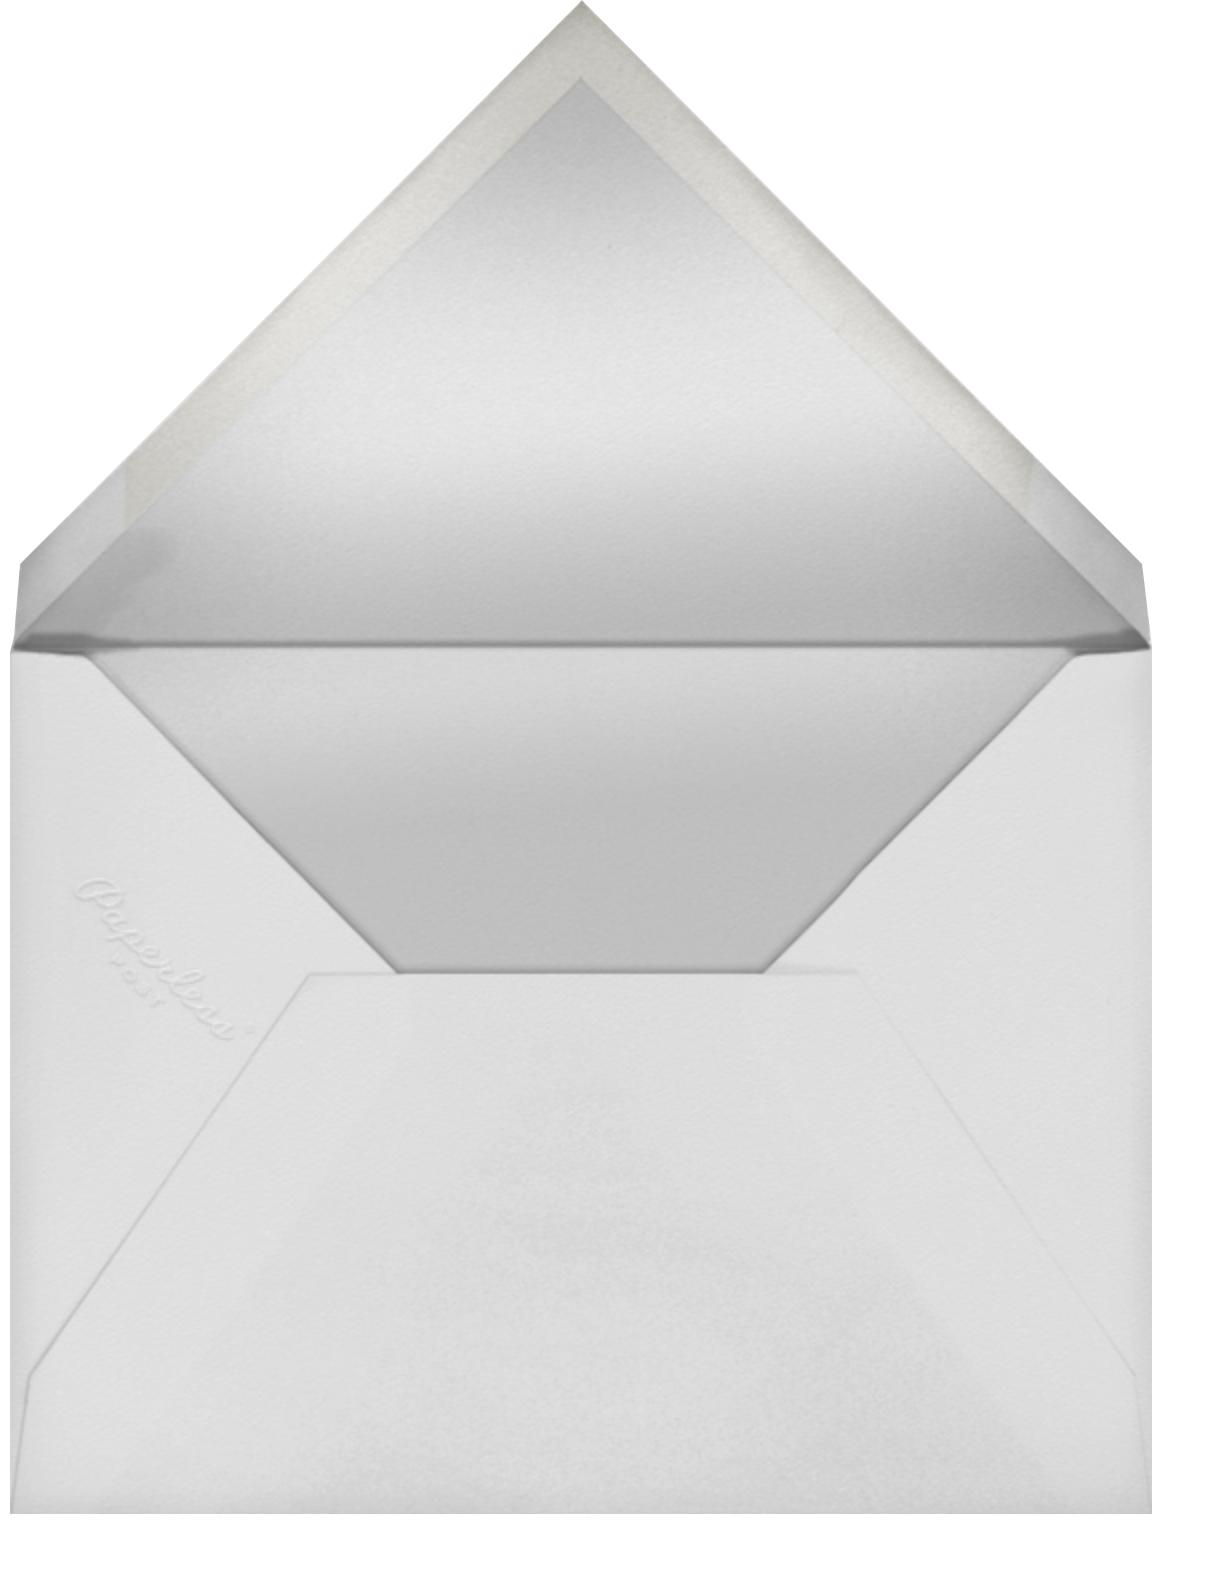 Channels (Menu) - Navy - Kelly Wearstler - Menus - envelope back